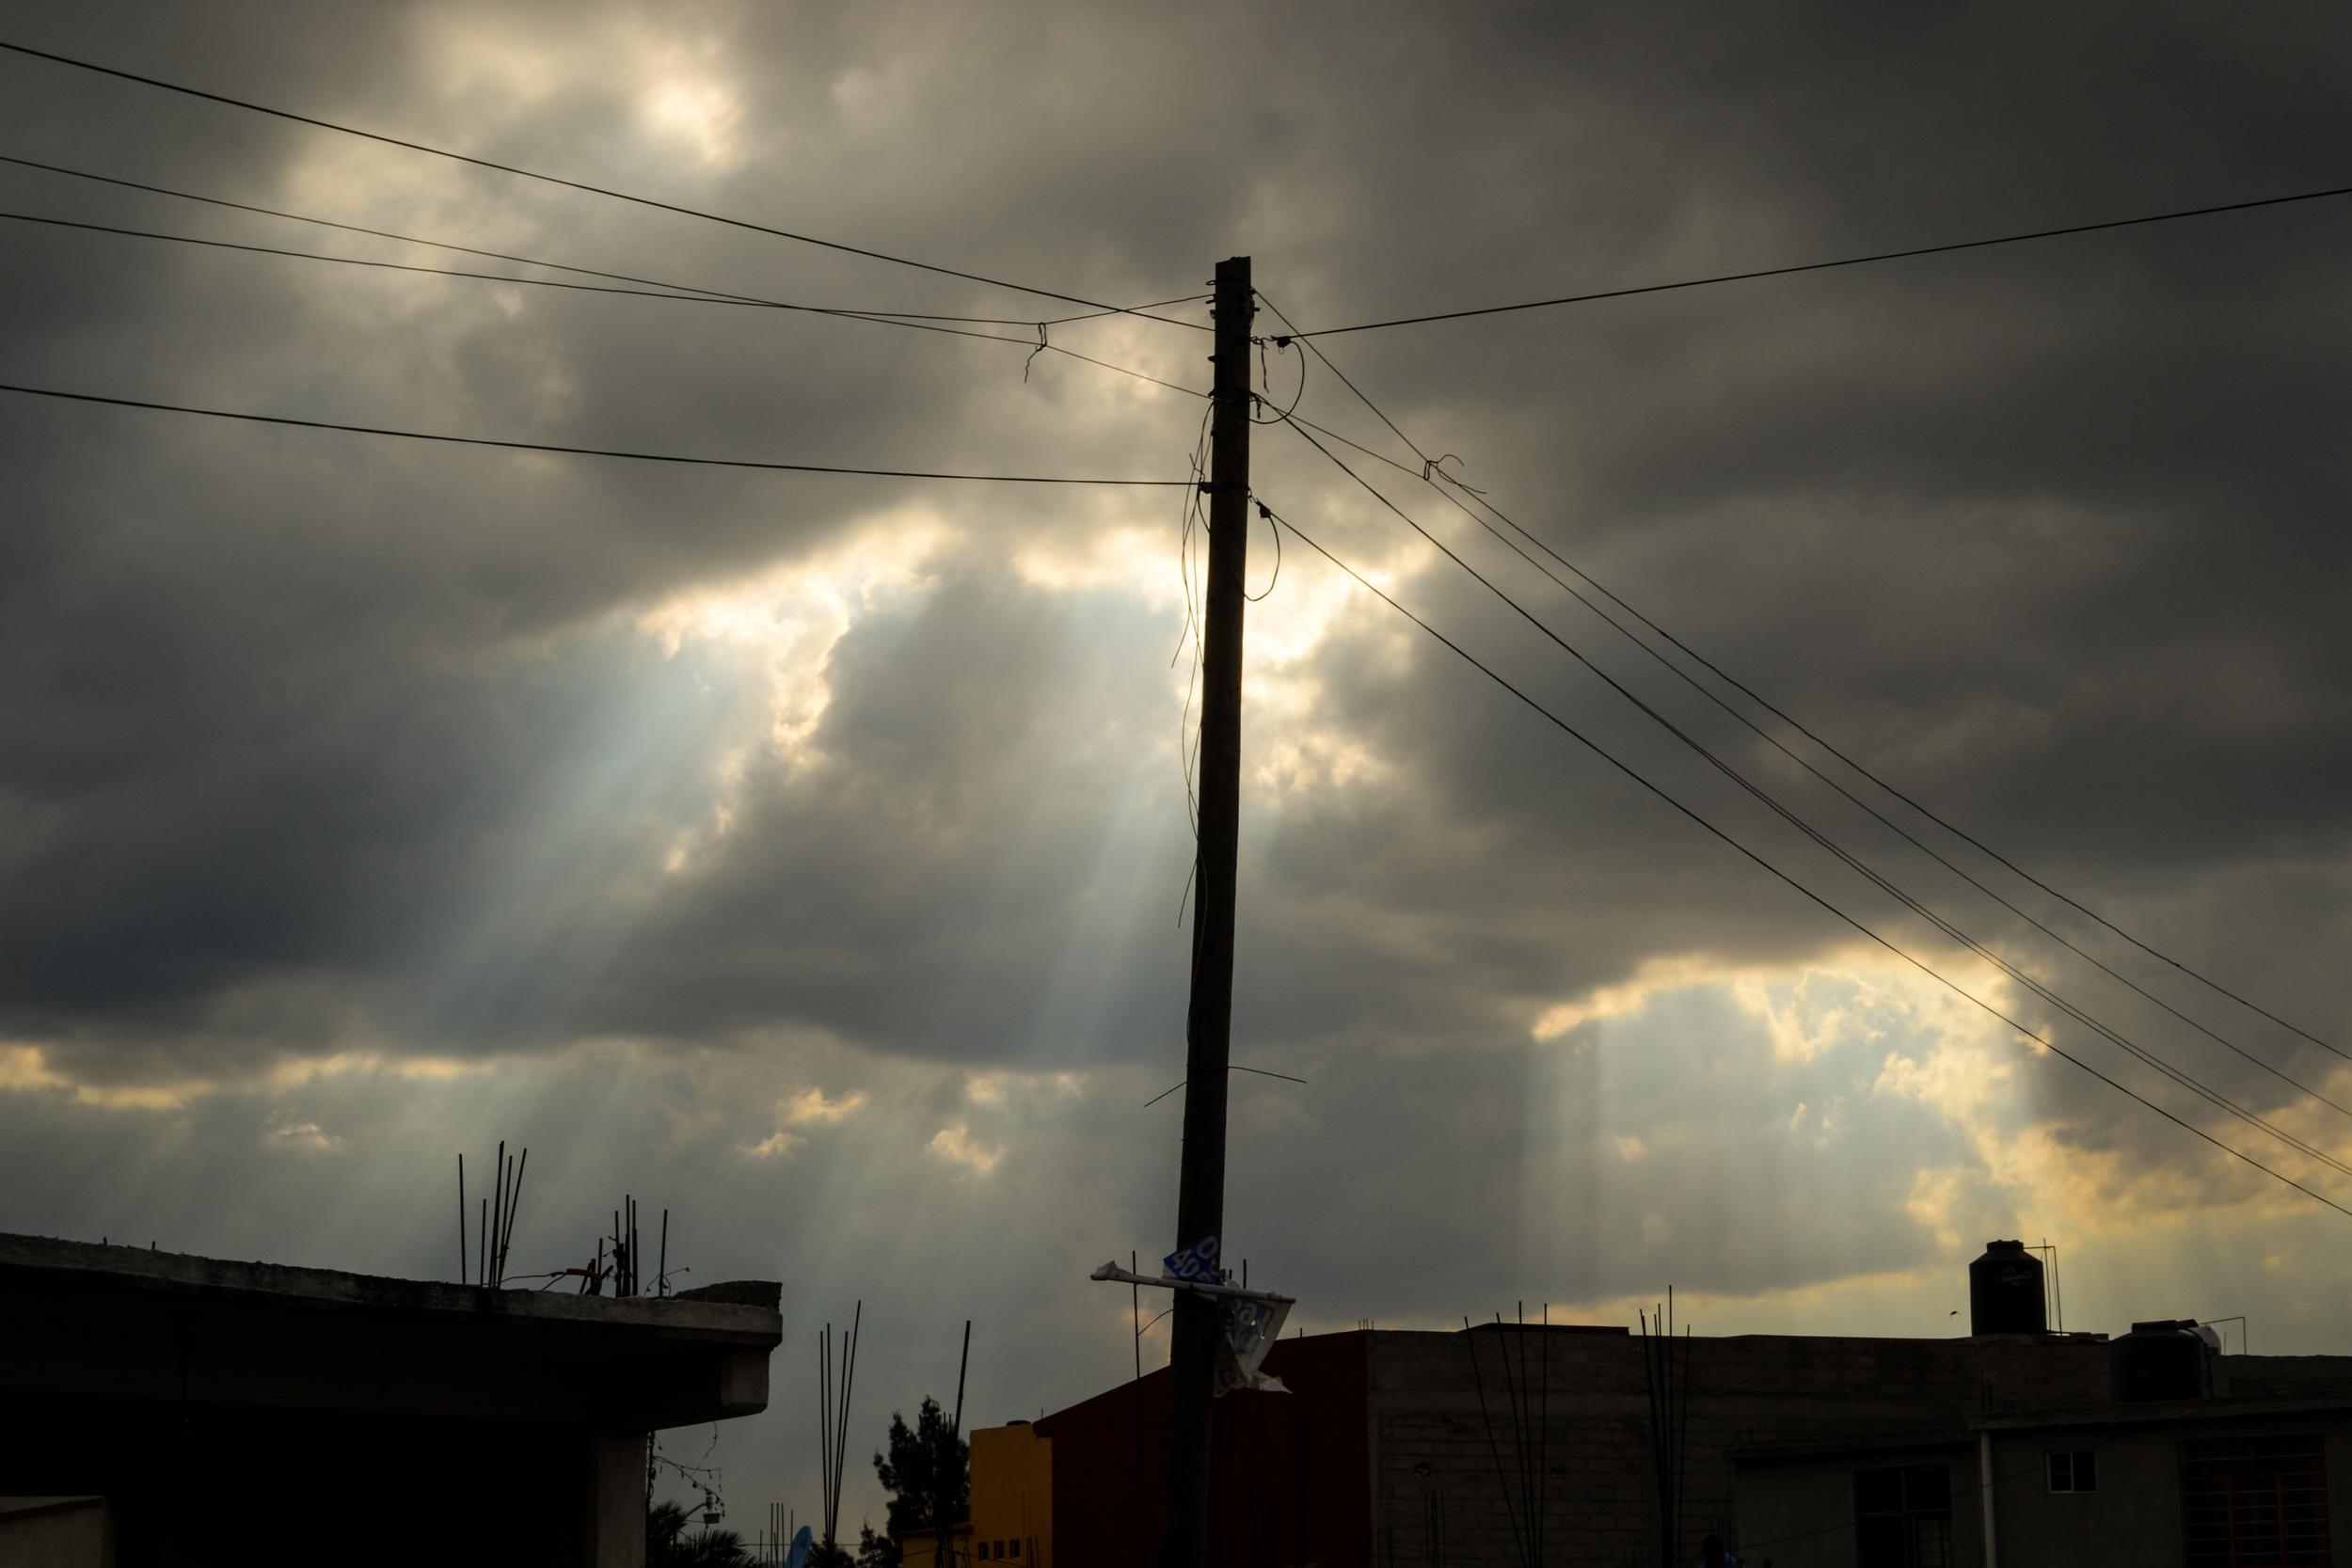 14_Jan_clouds_001_edit.jpg